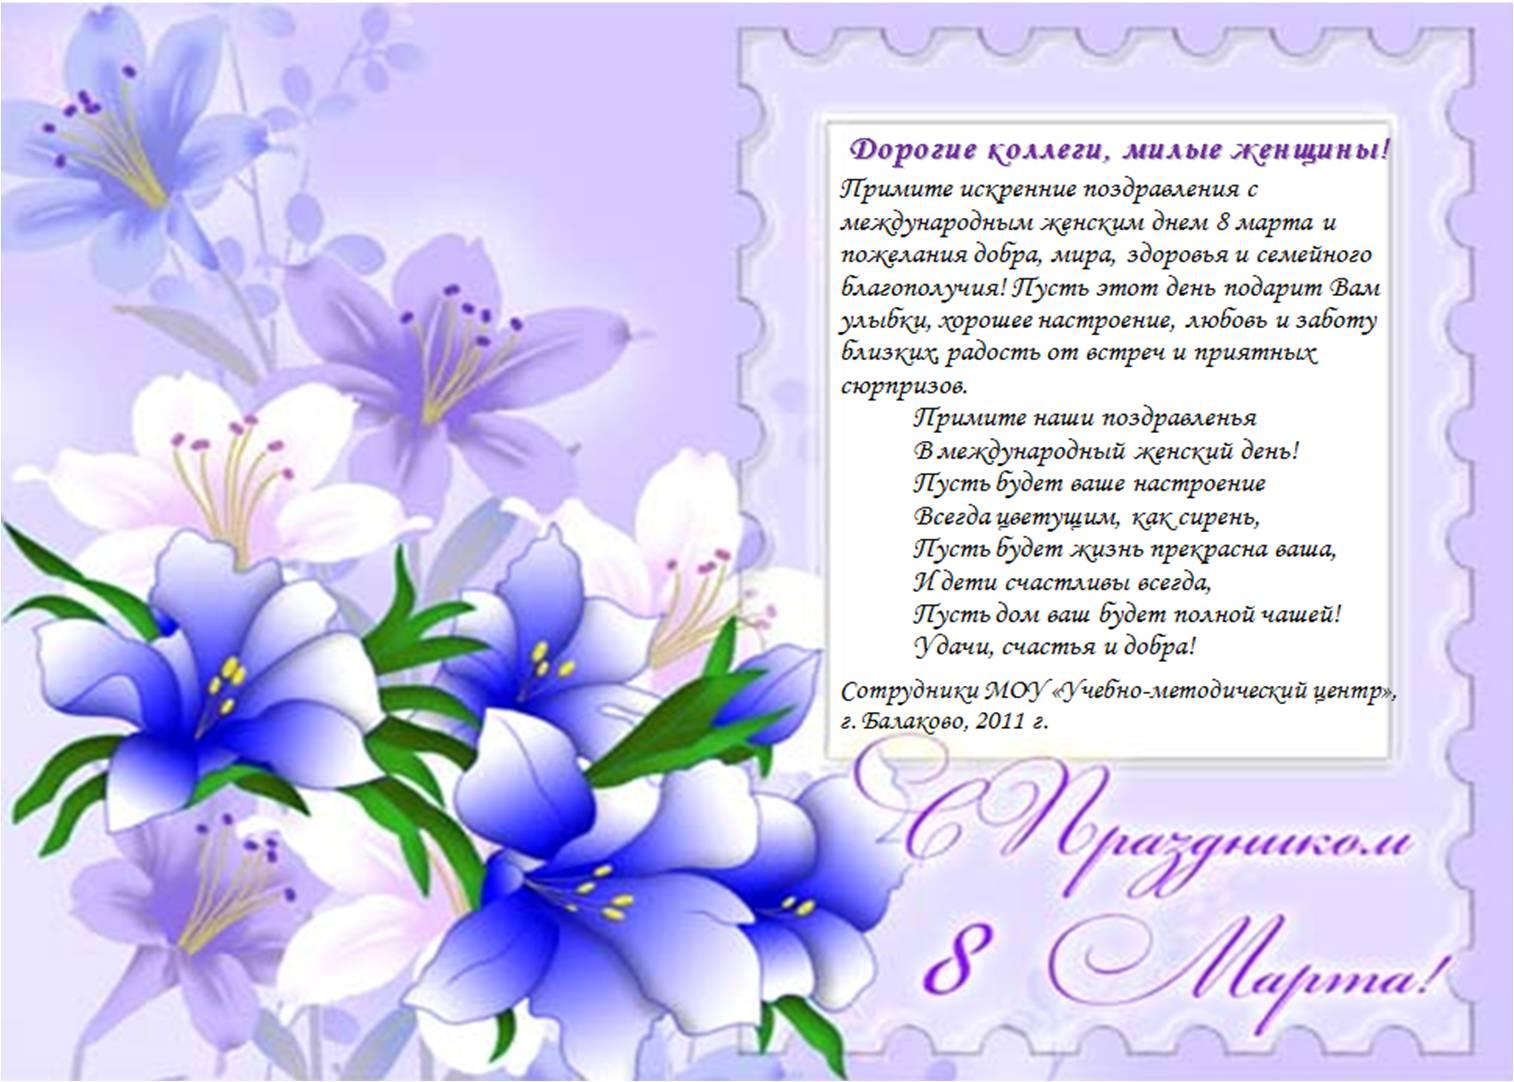 Поздравления с праздником вас милые женщины